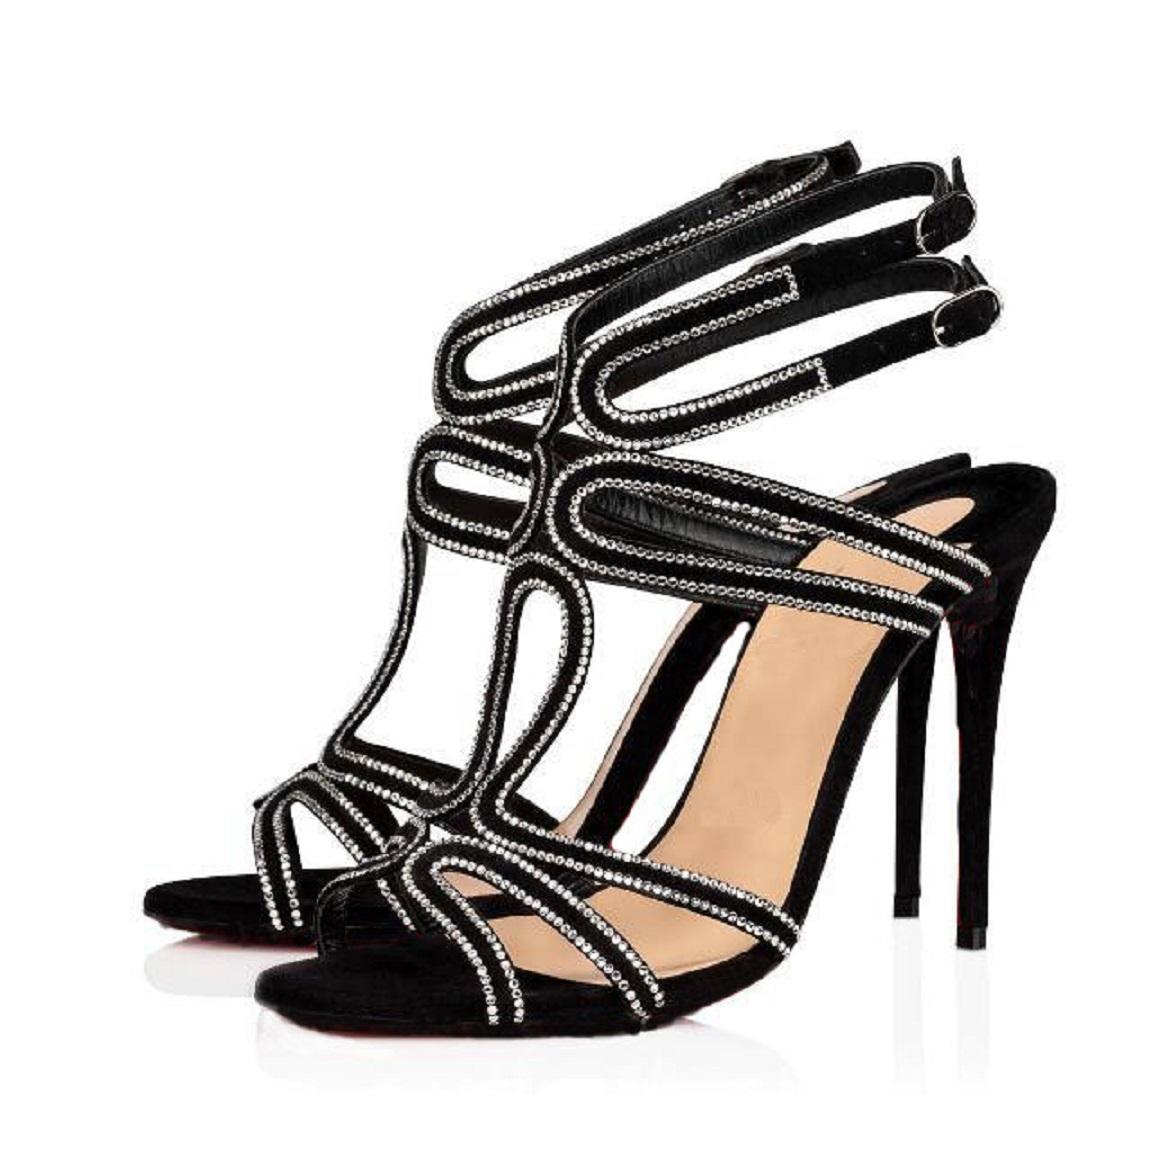 Nizza Qualität Frauen rote Unterseite Sandalen Abendschuhe, luxuriöse High Heels Renee Strass Rinestone Pumpen Sexy Frauen Sandale Partei Brautkleid